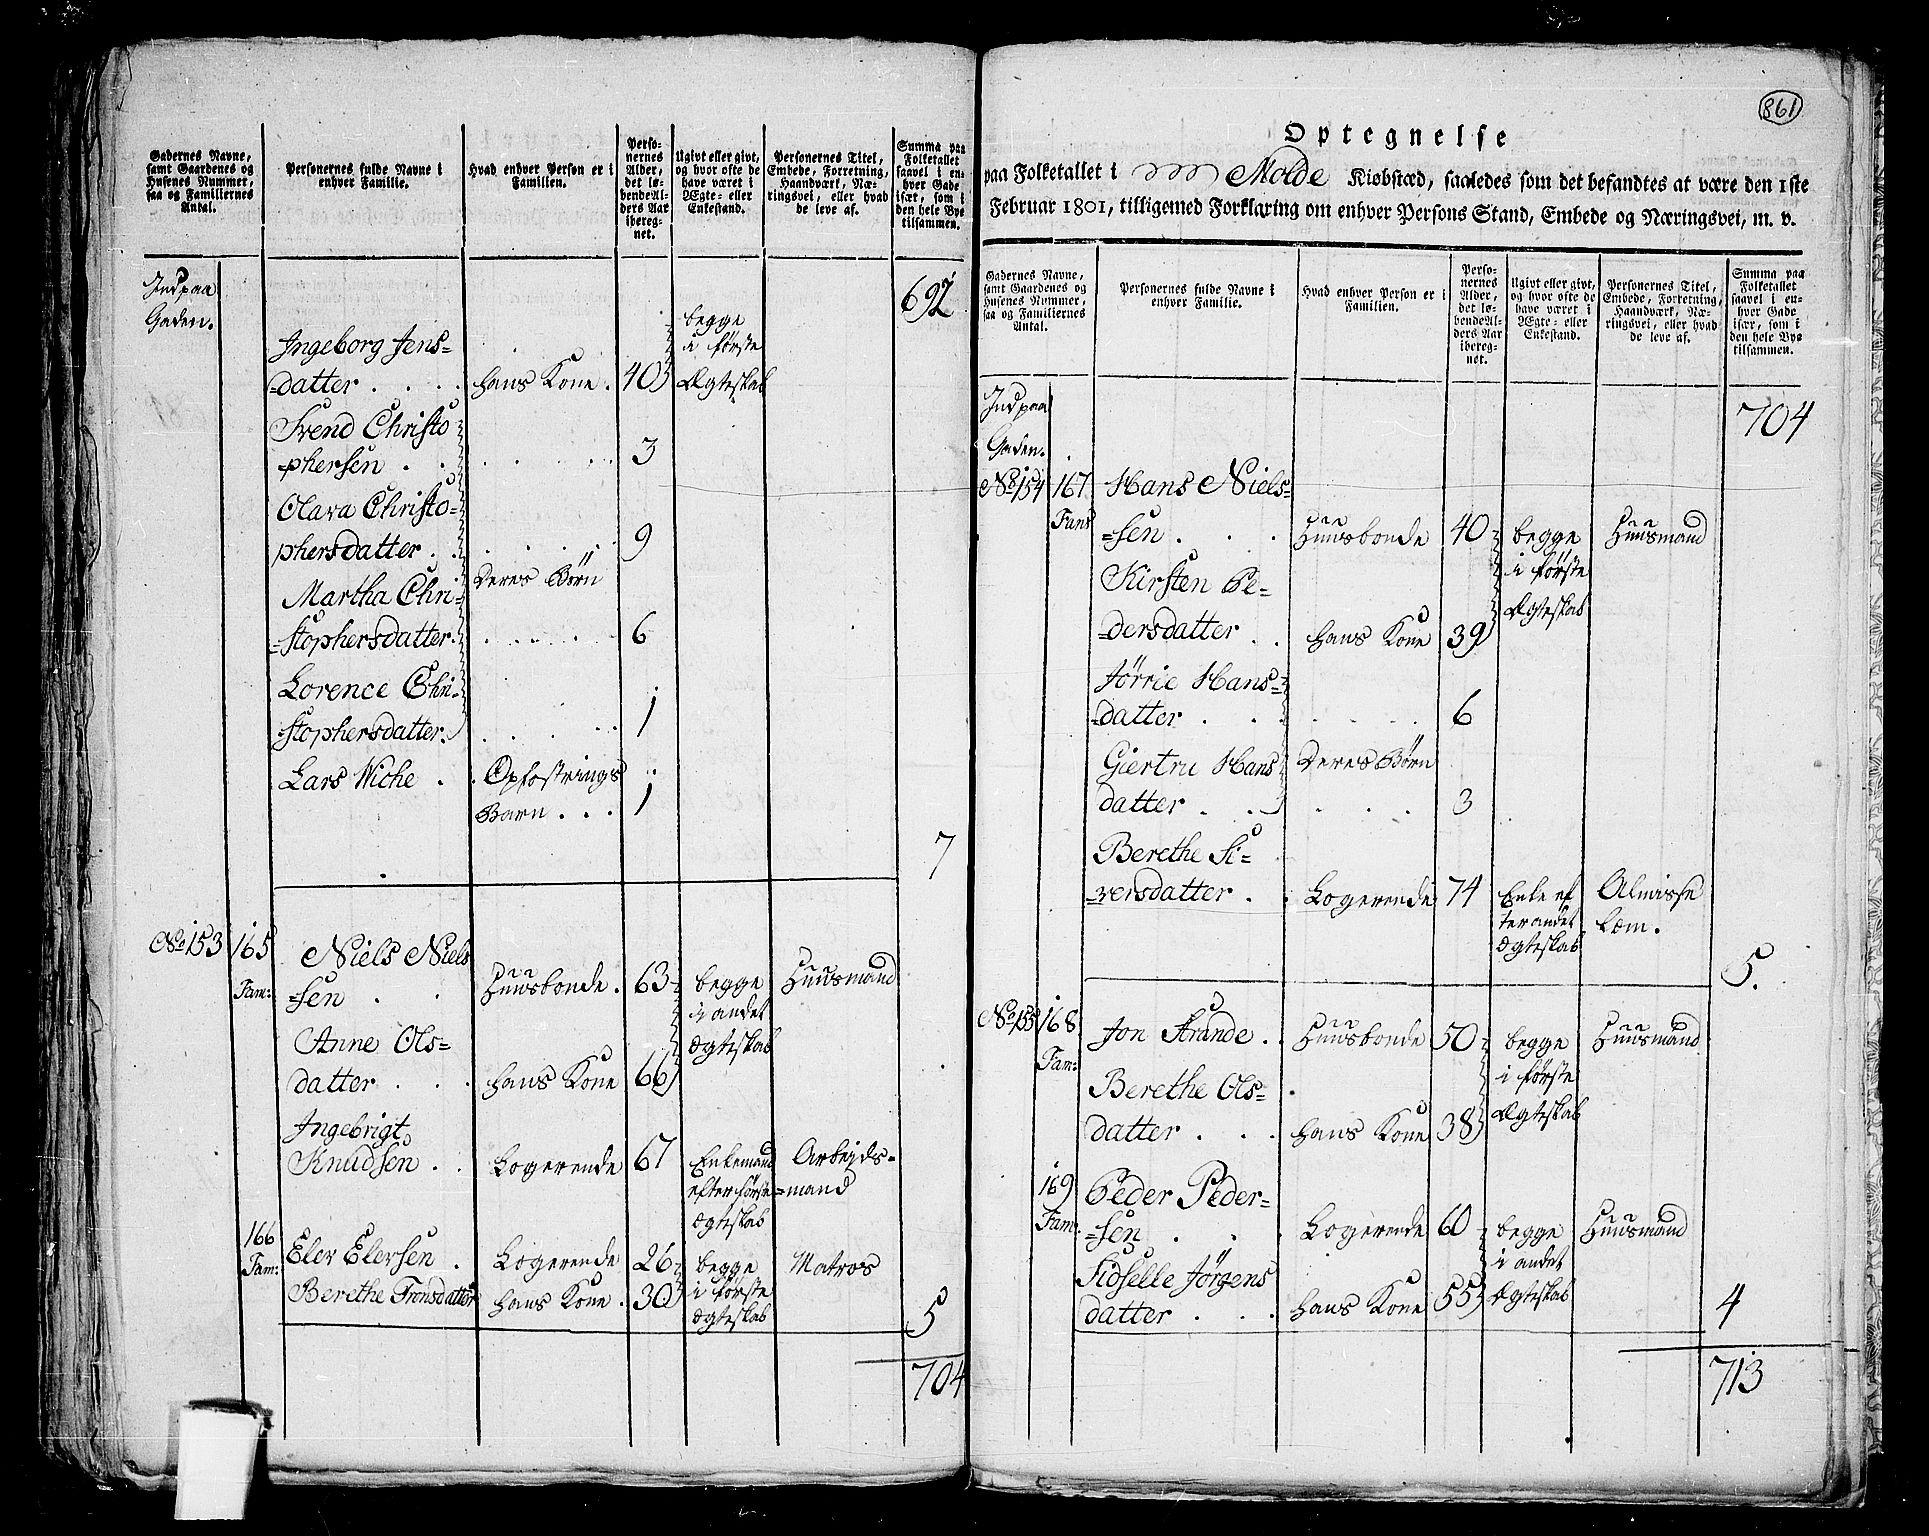 RA, Folketelling 1801 for 1544P Bolsøy prestegjeld, 1801, s. 860b-861a